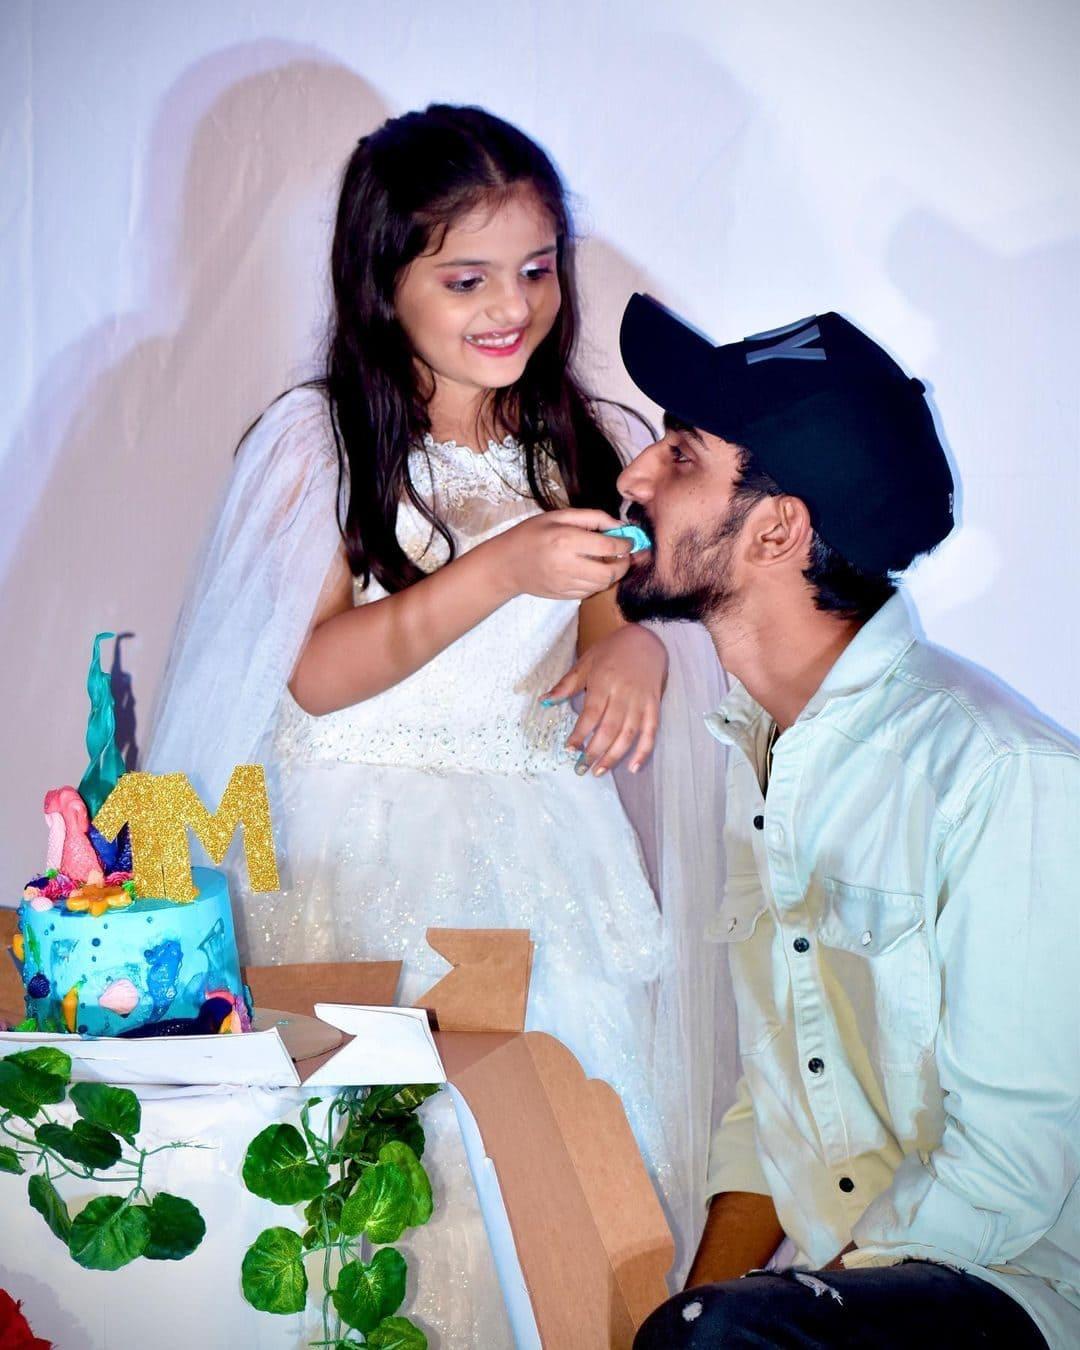 Shivanjali Porje with her brother Pratik Porje